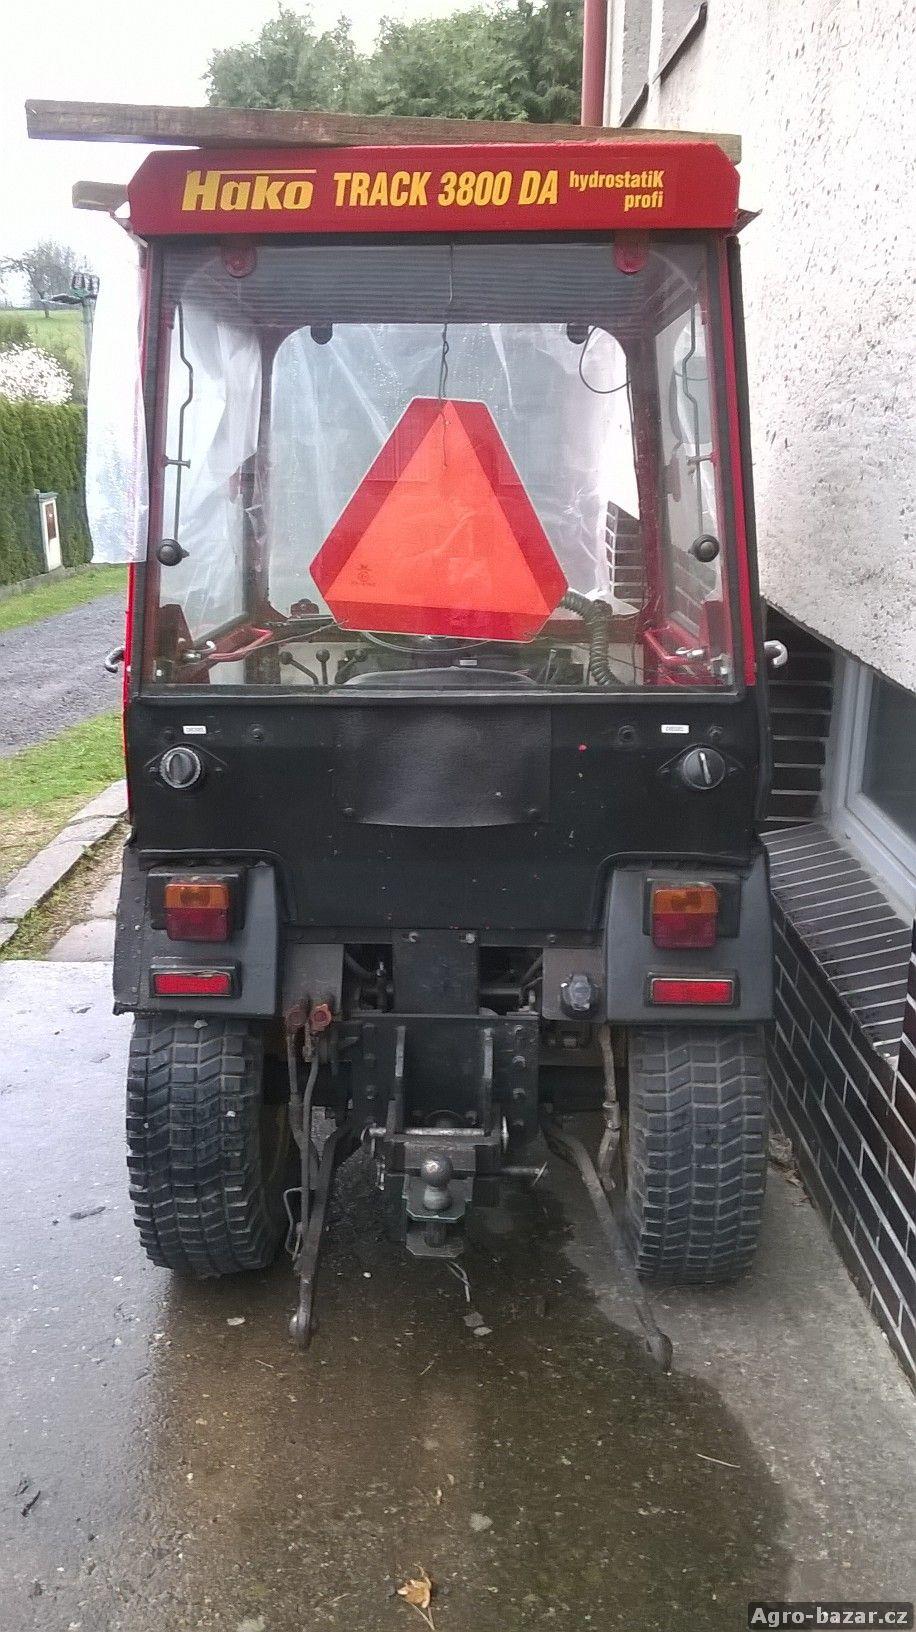 Malotraktor HAKO Track 3800DA HYDROSTATIC PROFI + příslušenství